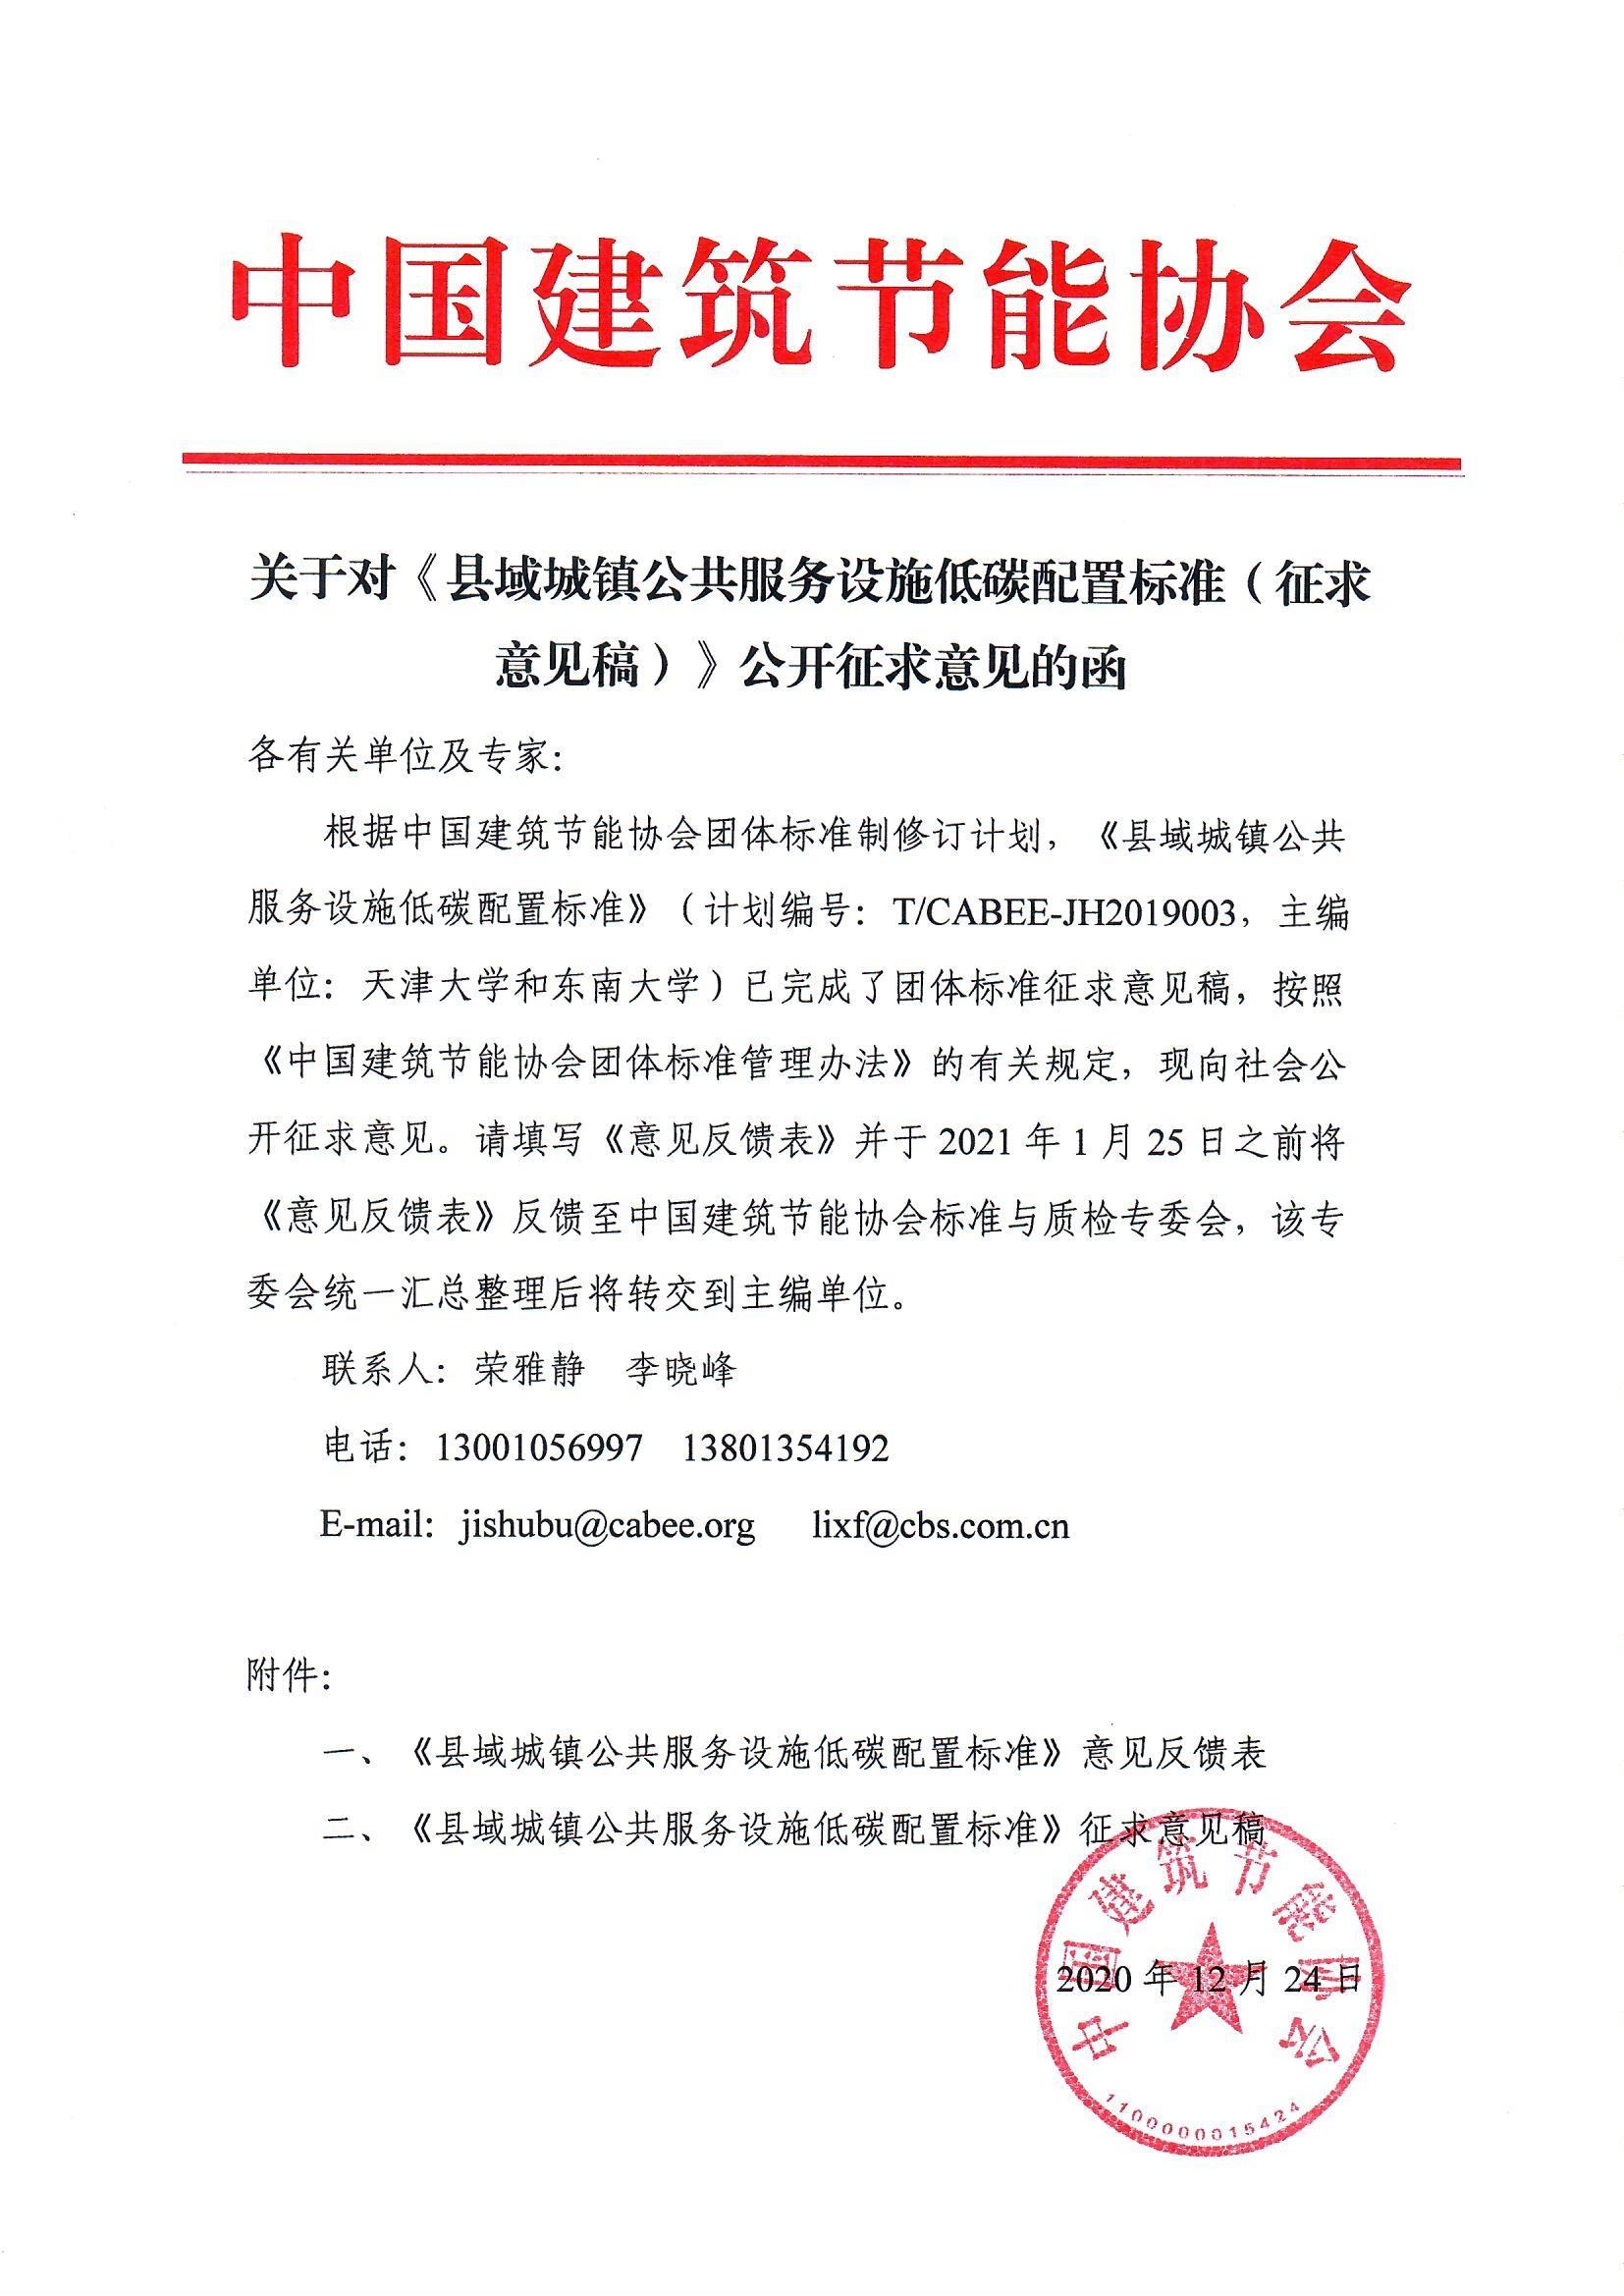 关于对《县域城镇公共服务设施低碳配置标准(征求意见稿)》公开征求意见的函.jpg